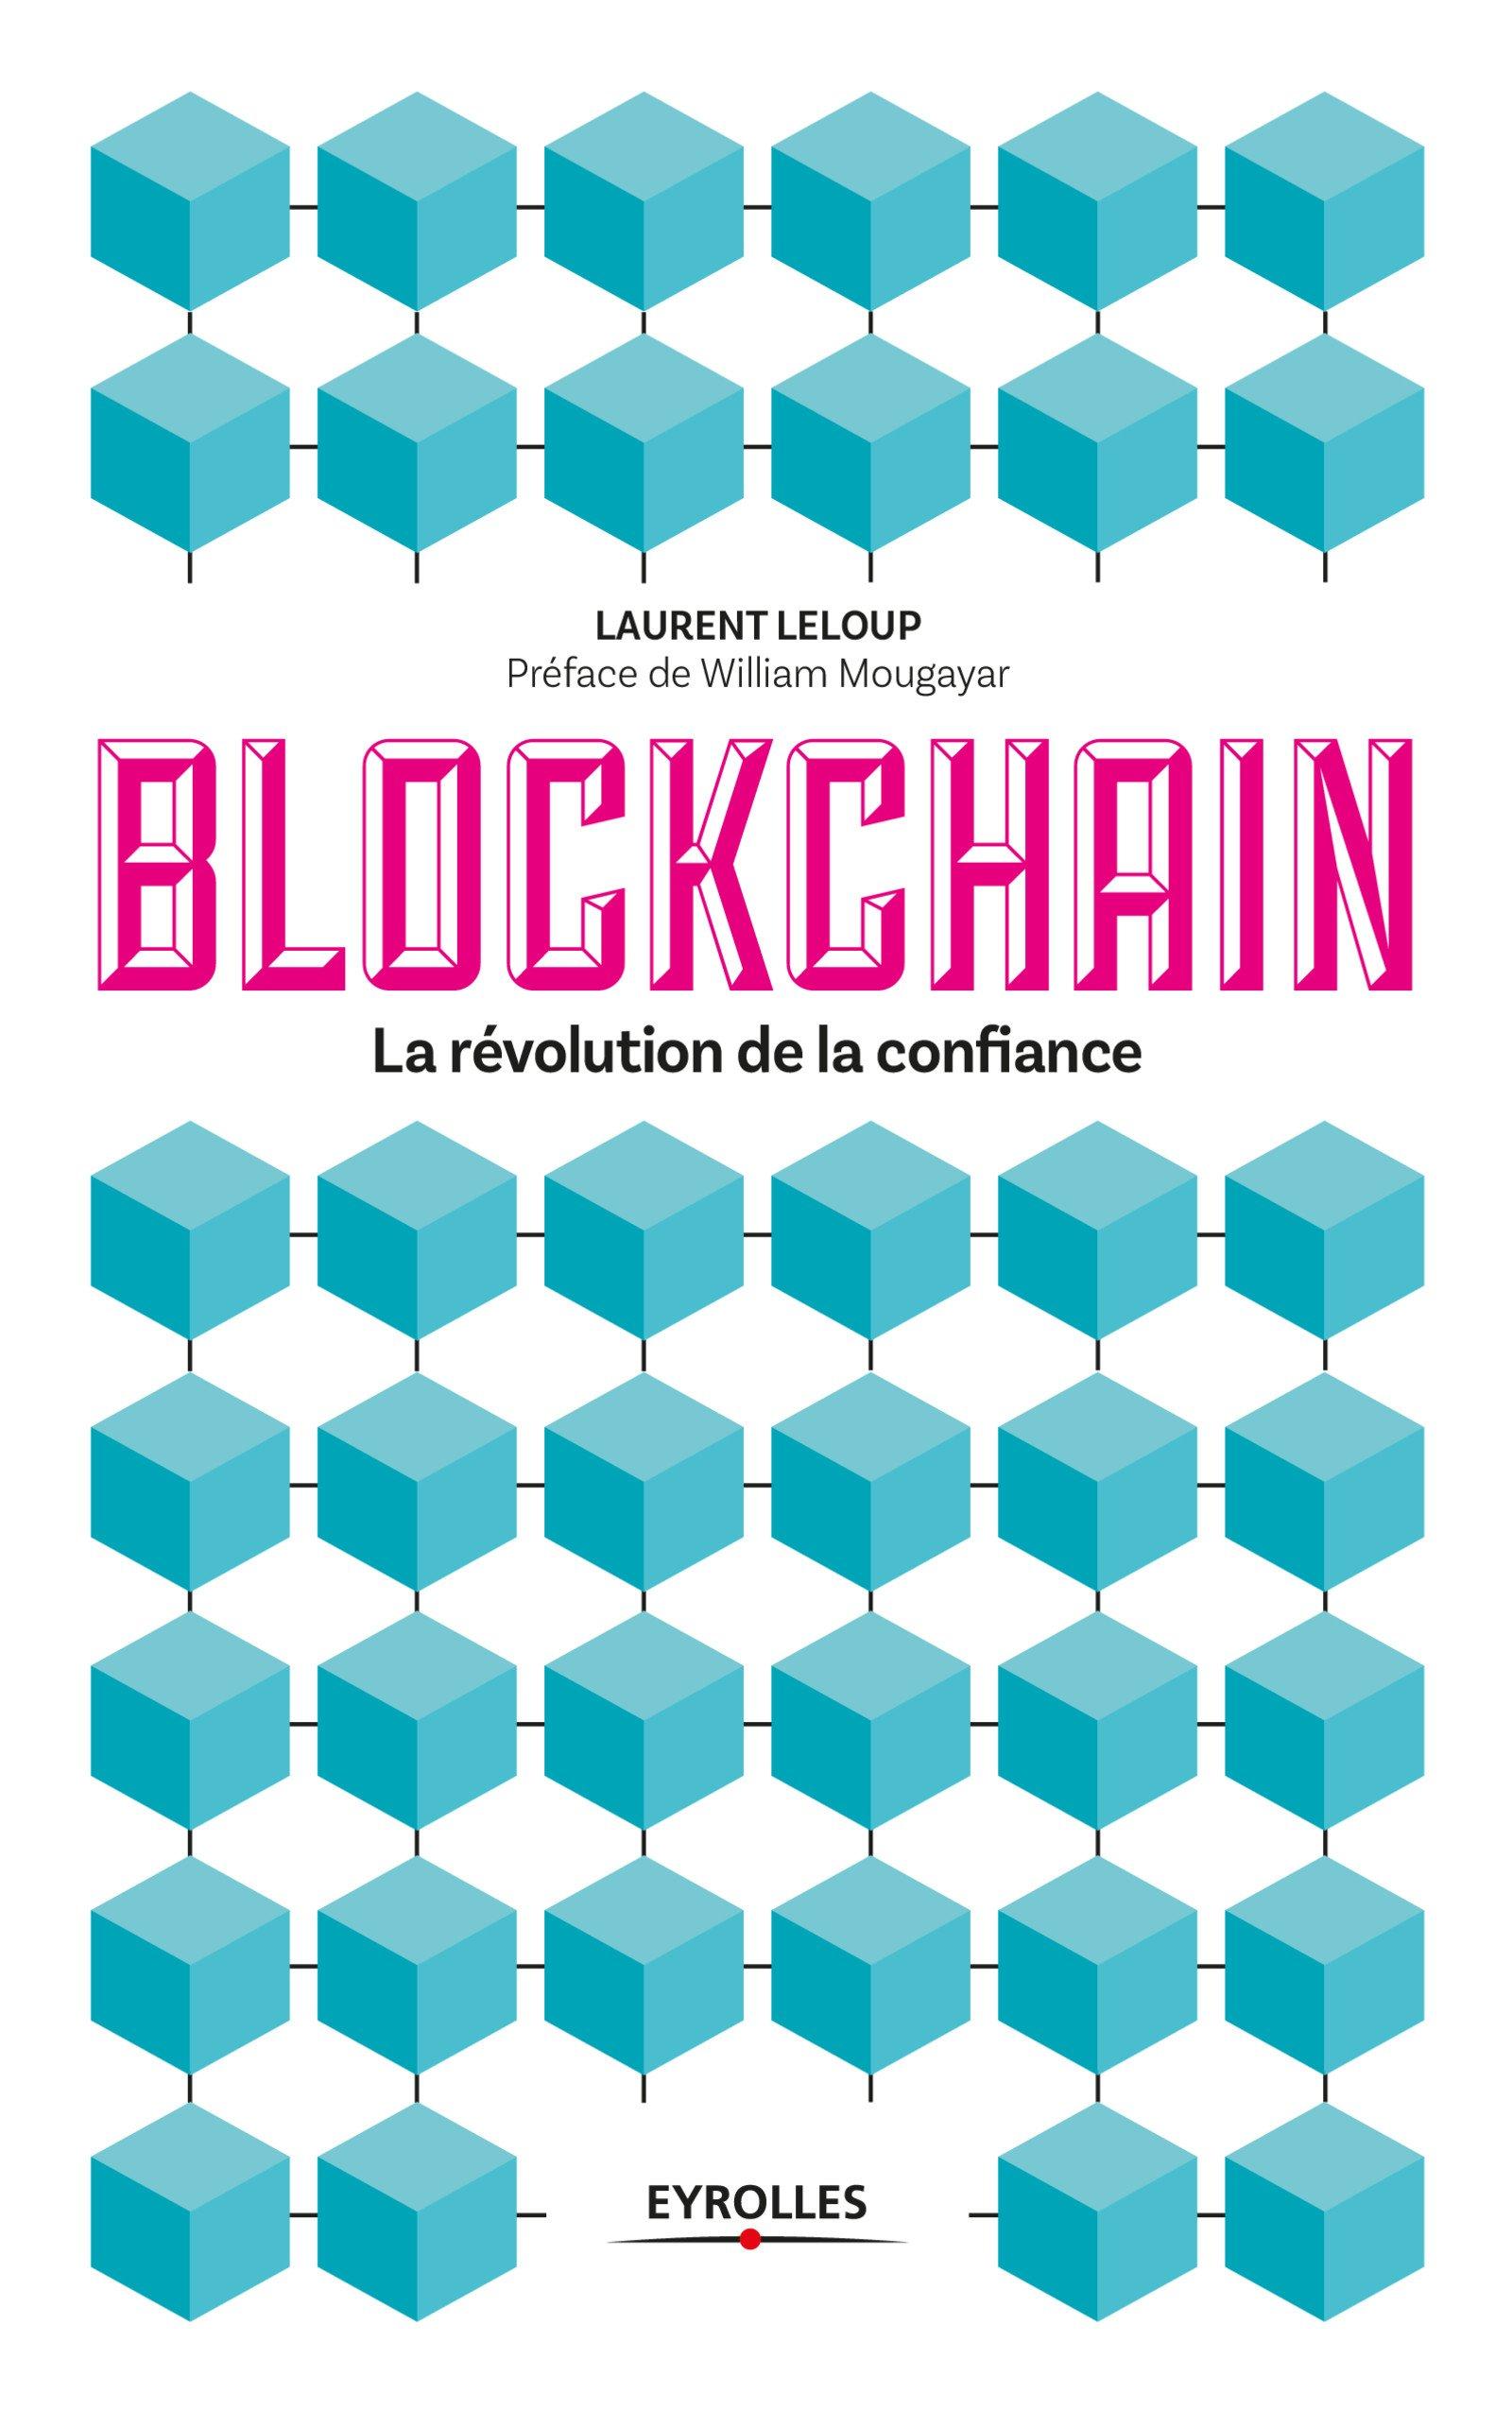 La blockchain. La révolution de la confiance (2017)